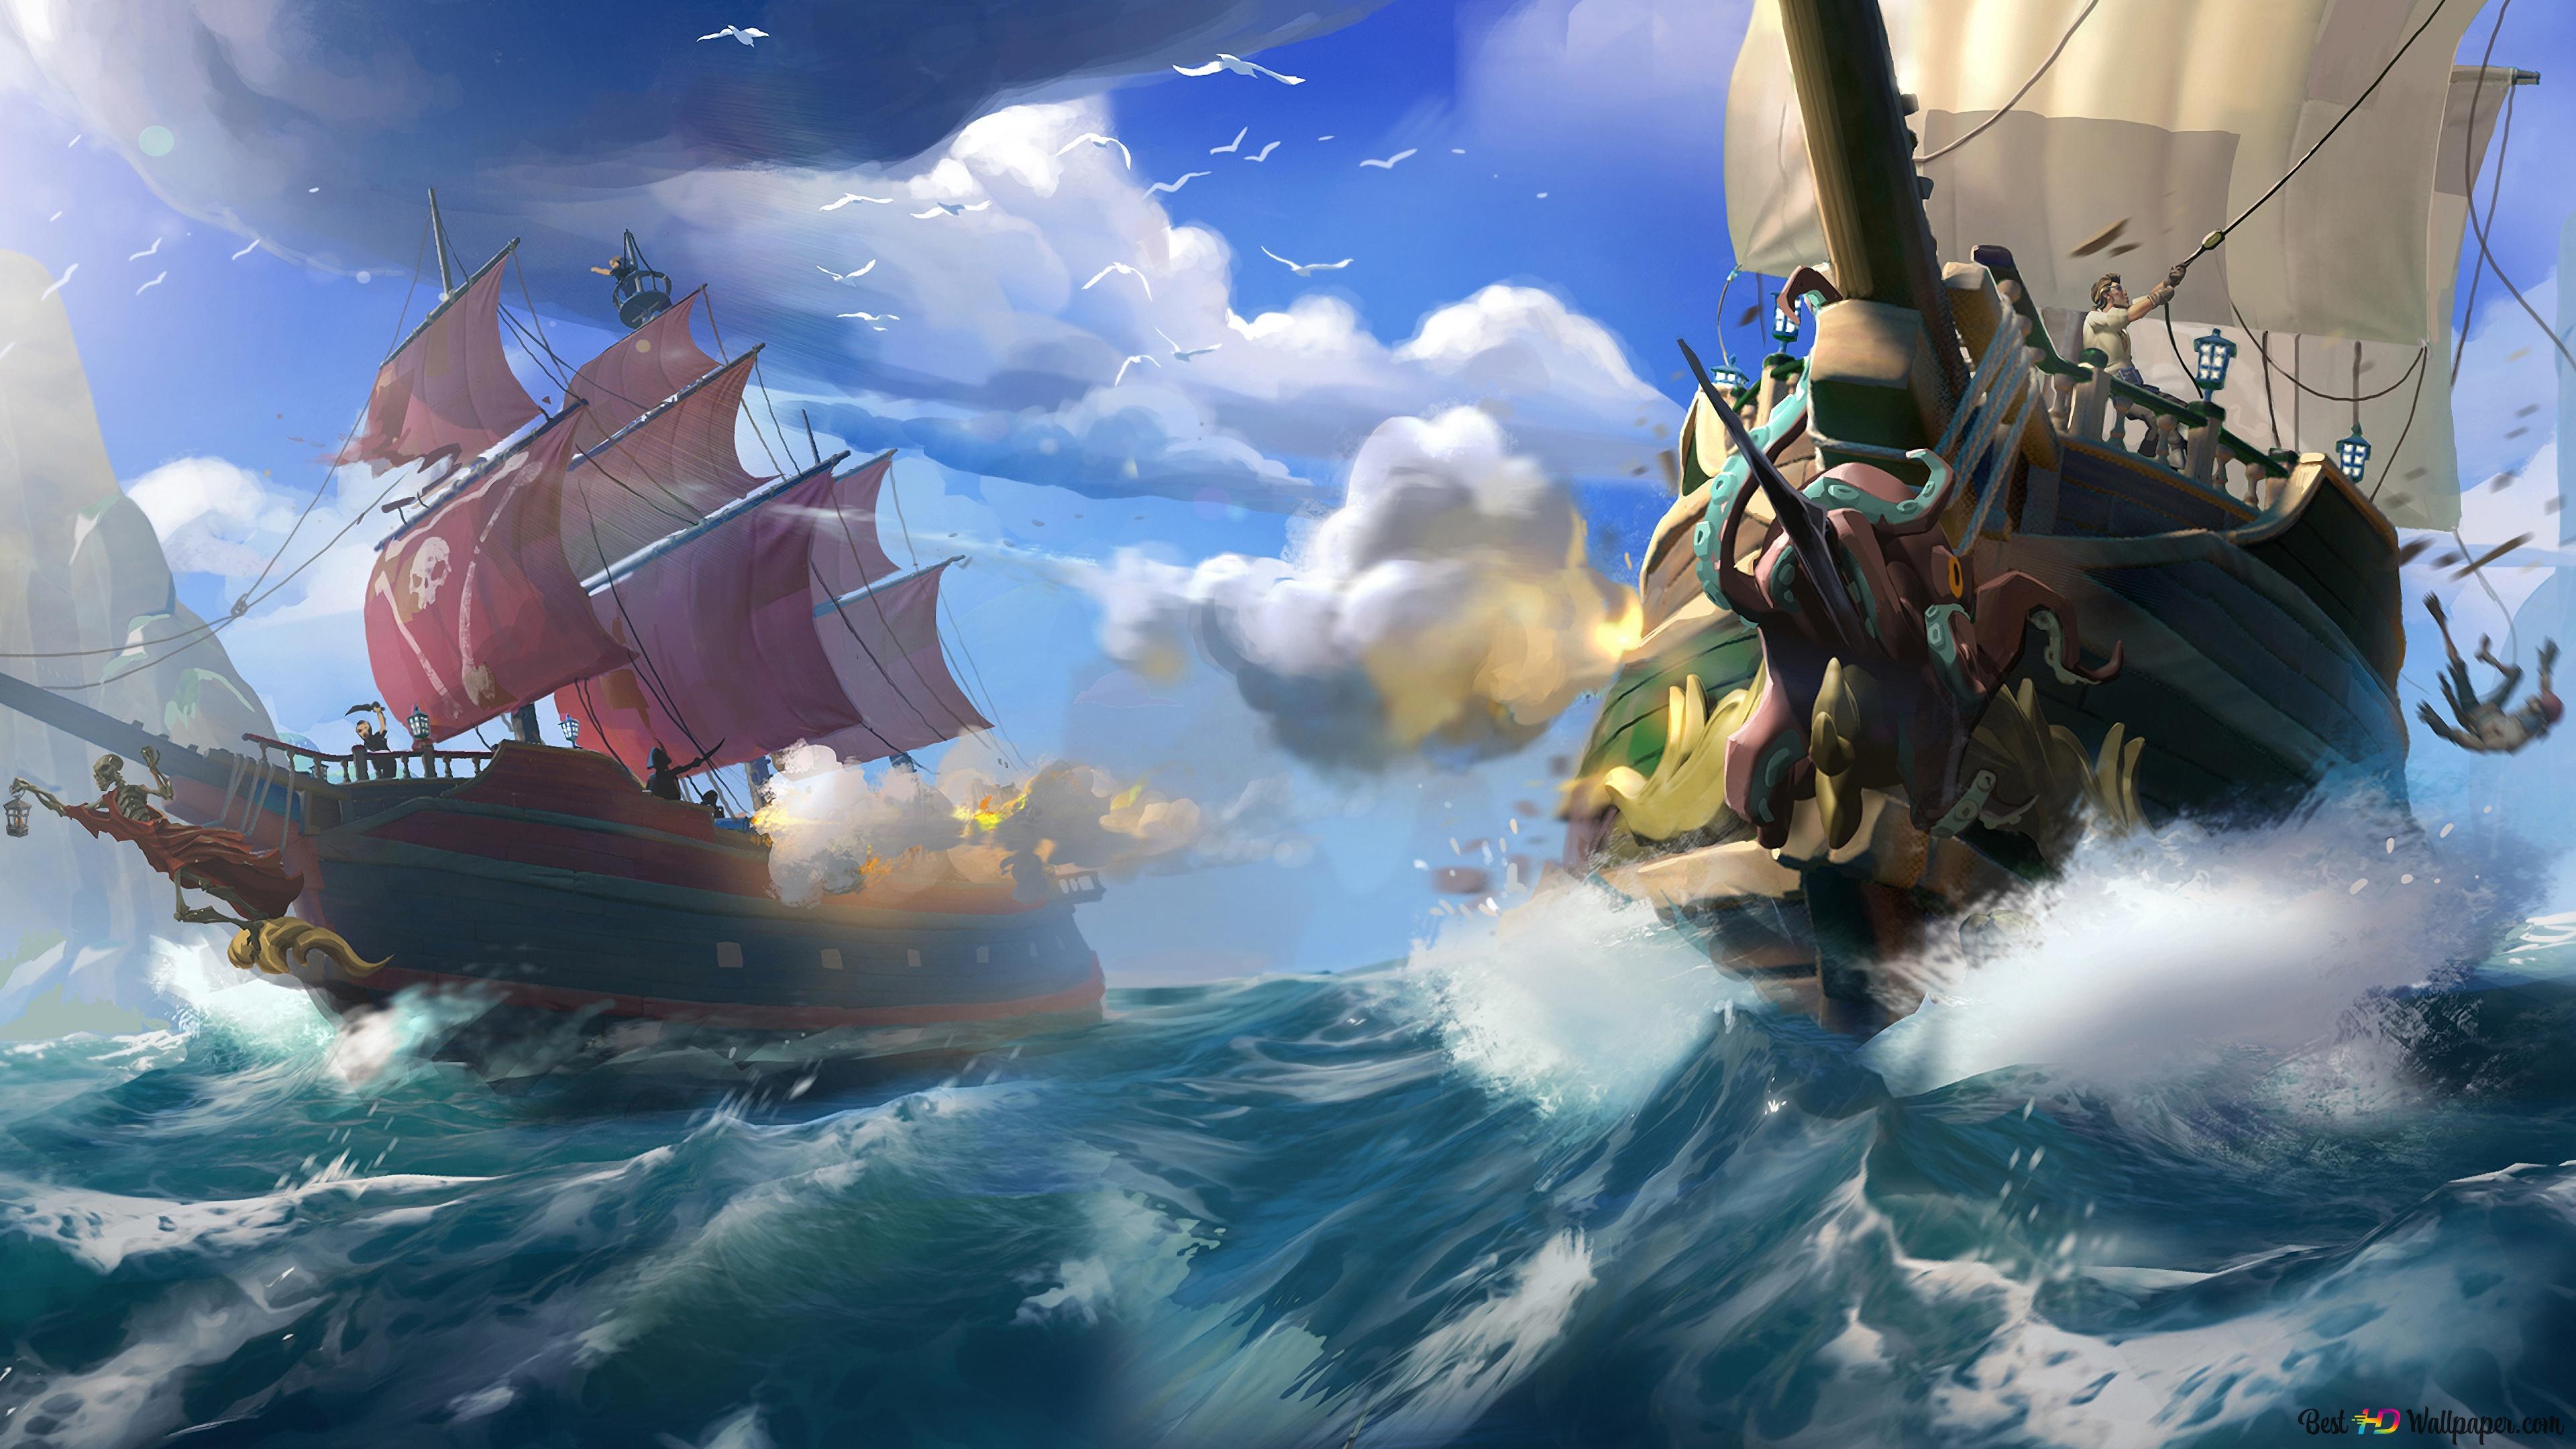 泥棒の海 Hd壁紙のダウンロード